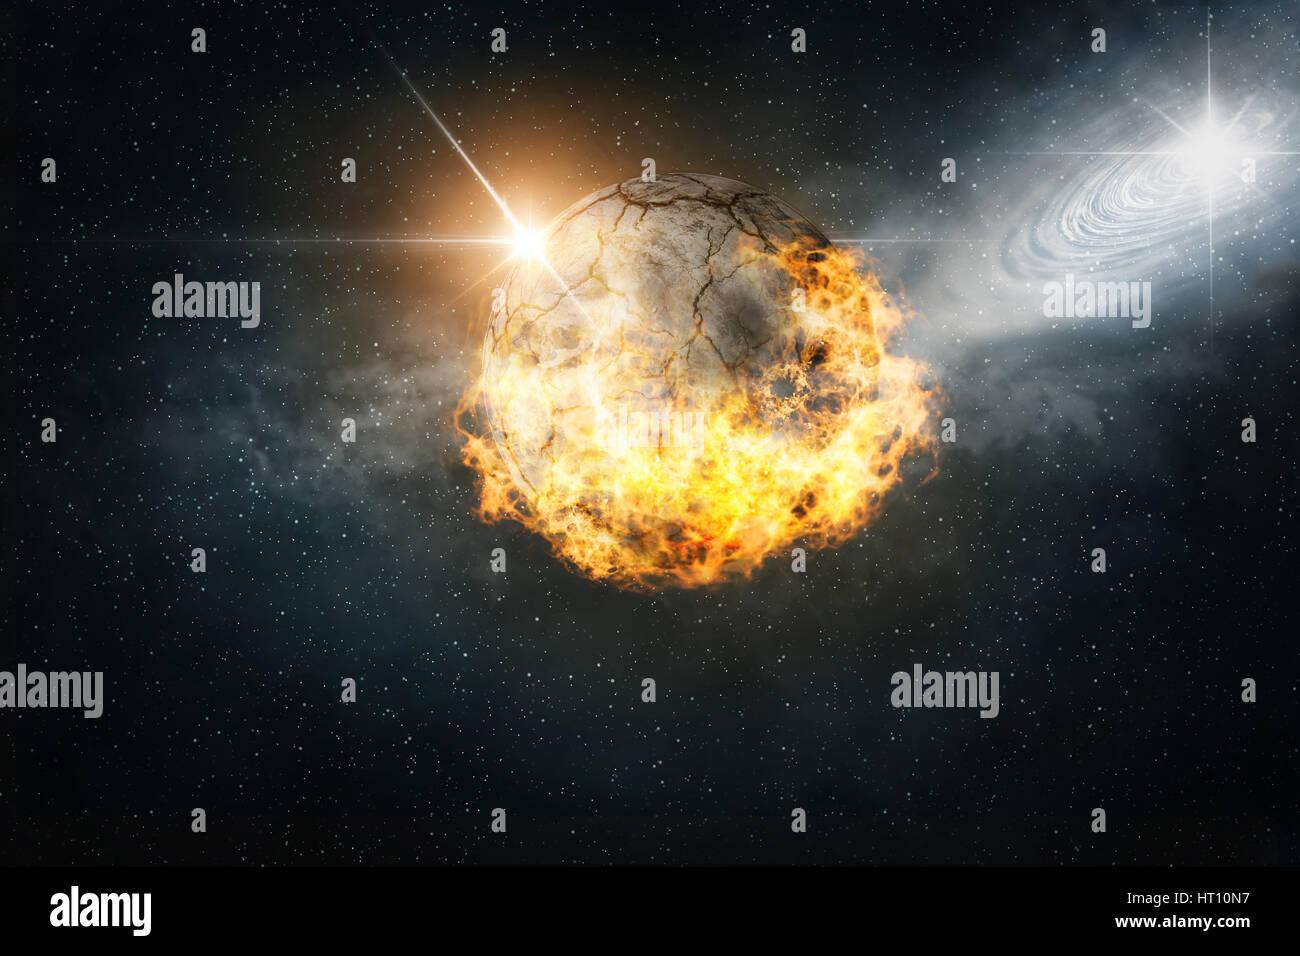 burning planet - Stock Image